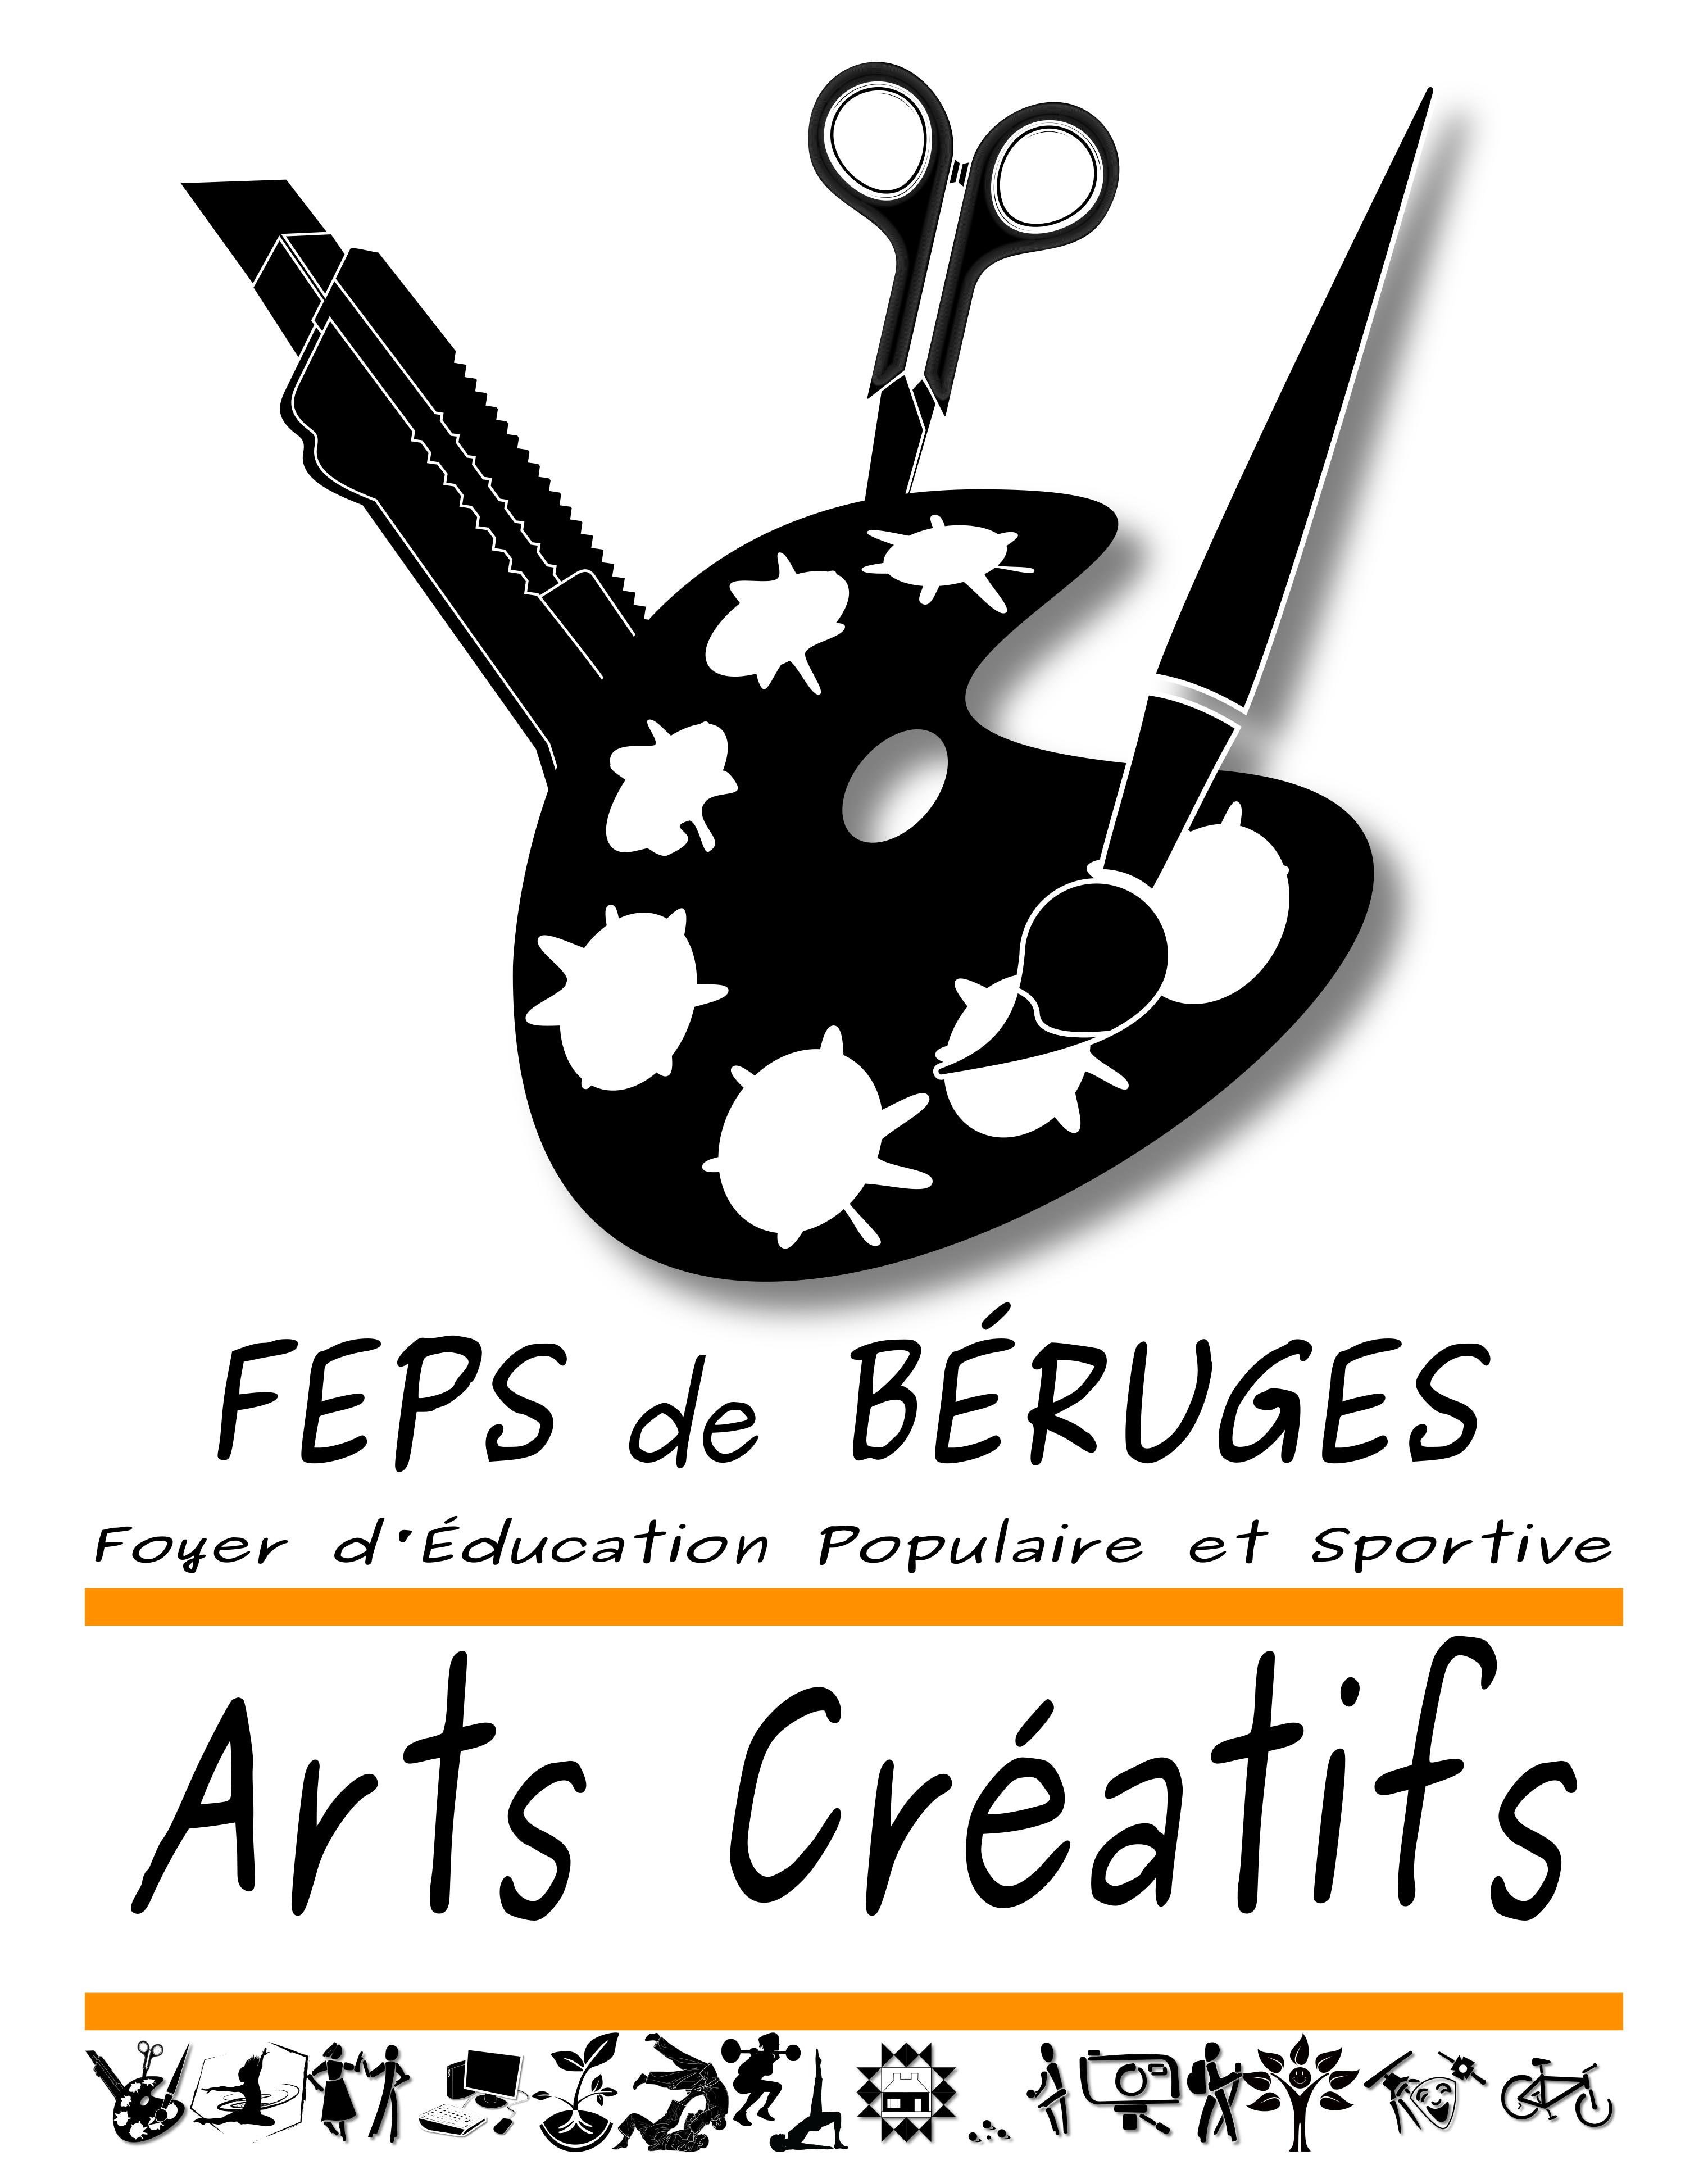 FEPS Arts Créatifs